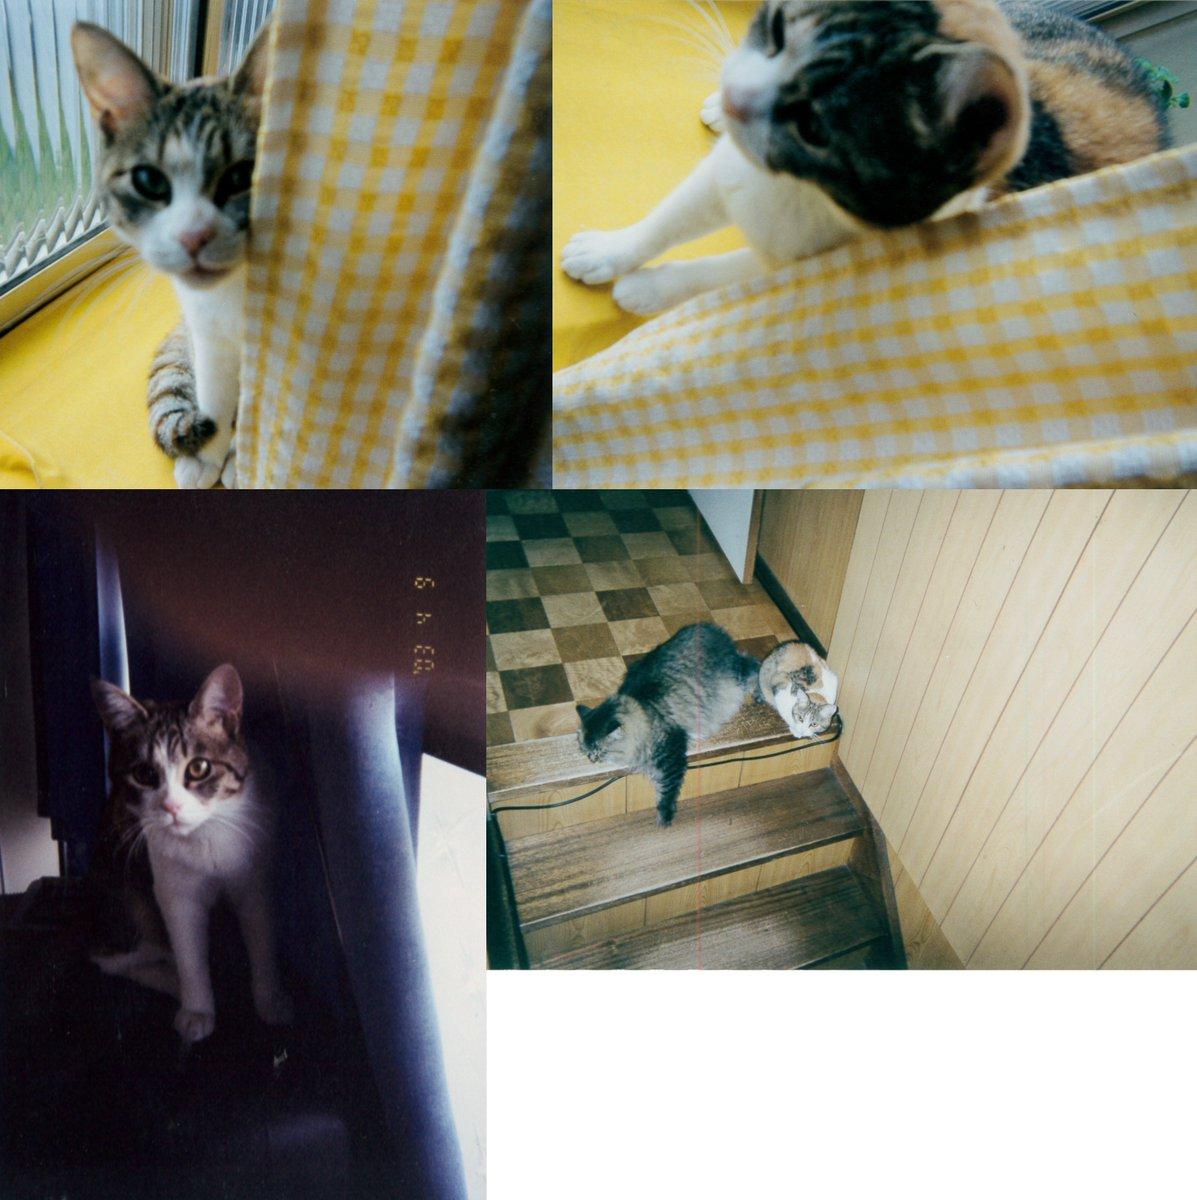 1歳くらいのときのミケの写真を発掘しました。悪人面で近所で有名なブサ猫でした。